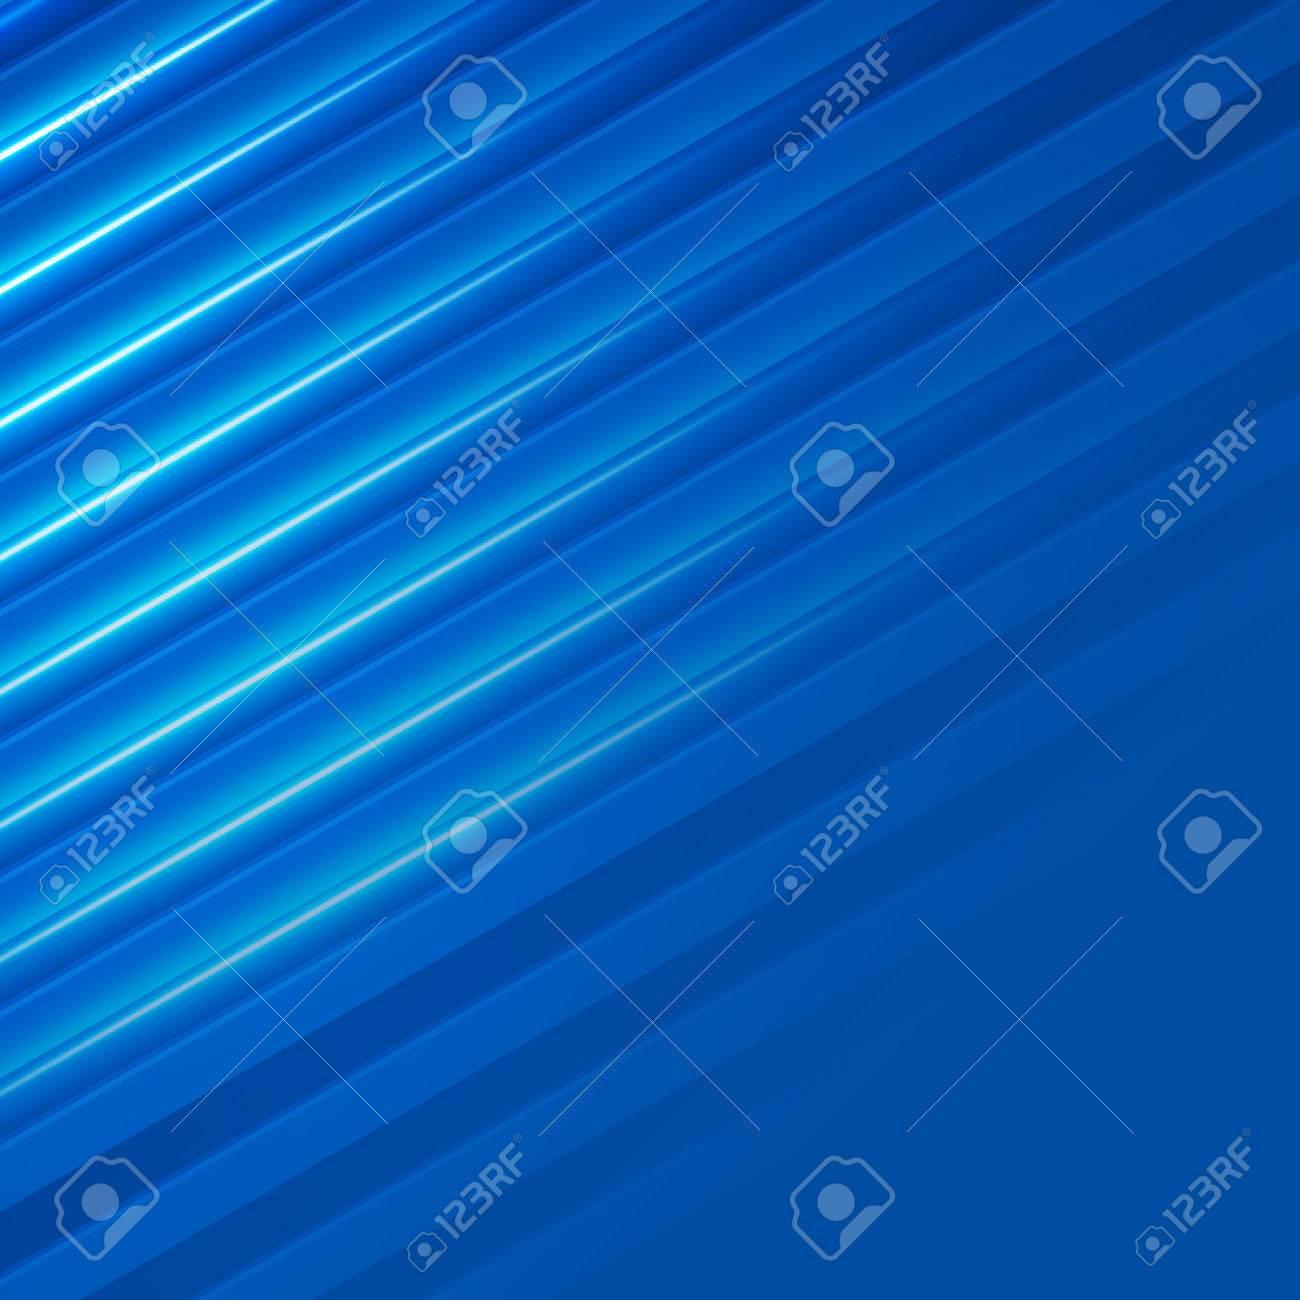 Blue Background Advertising Brochure Design Elements. Glowing Light Stripe  Oblique Graphic Form For Elegant Flyer